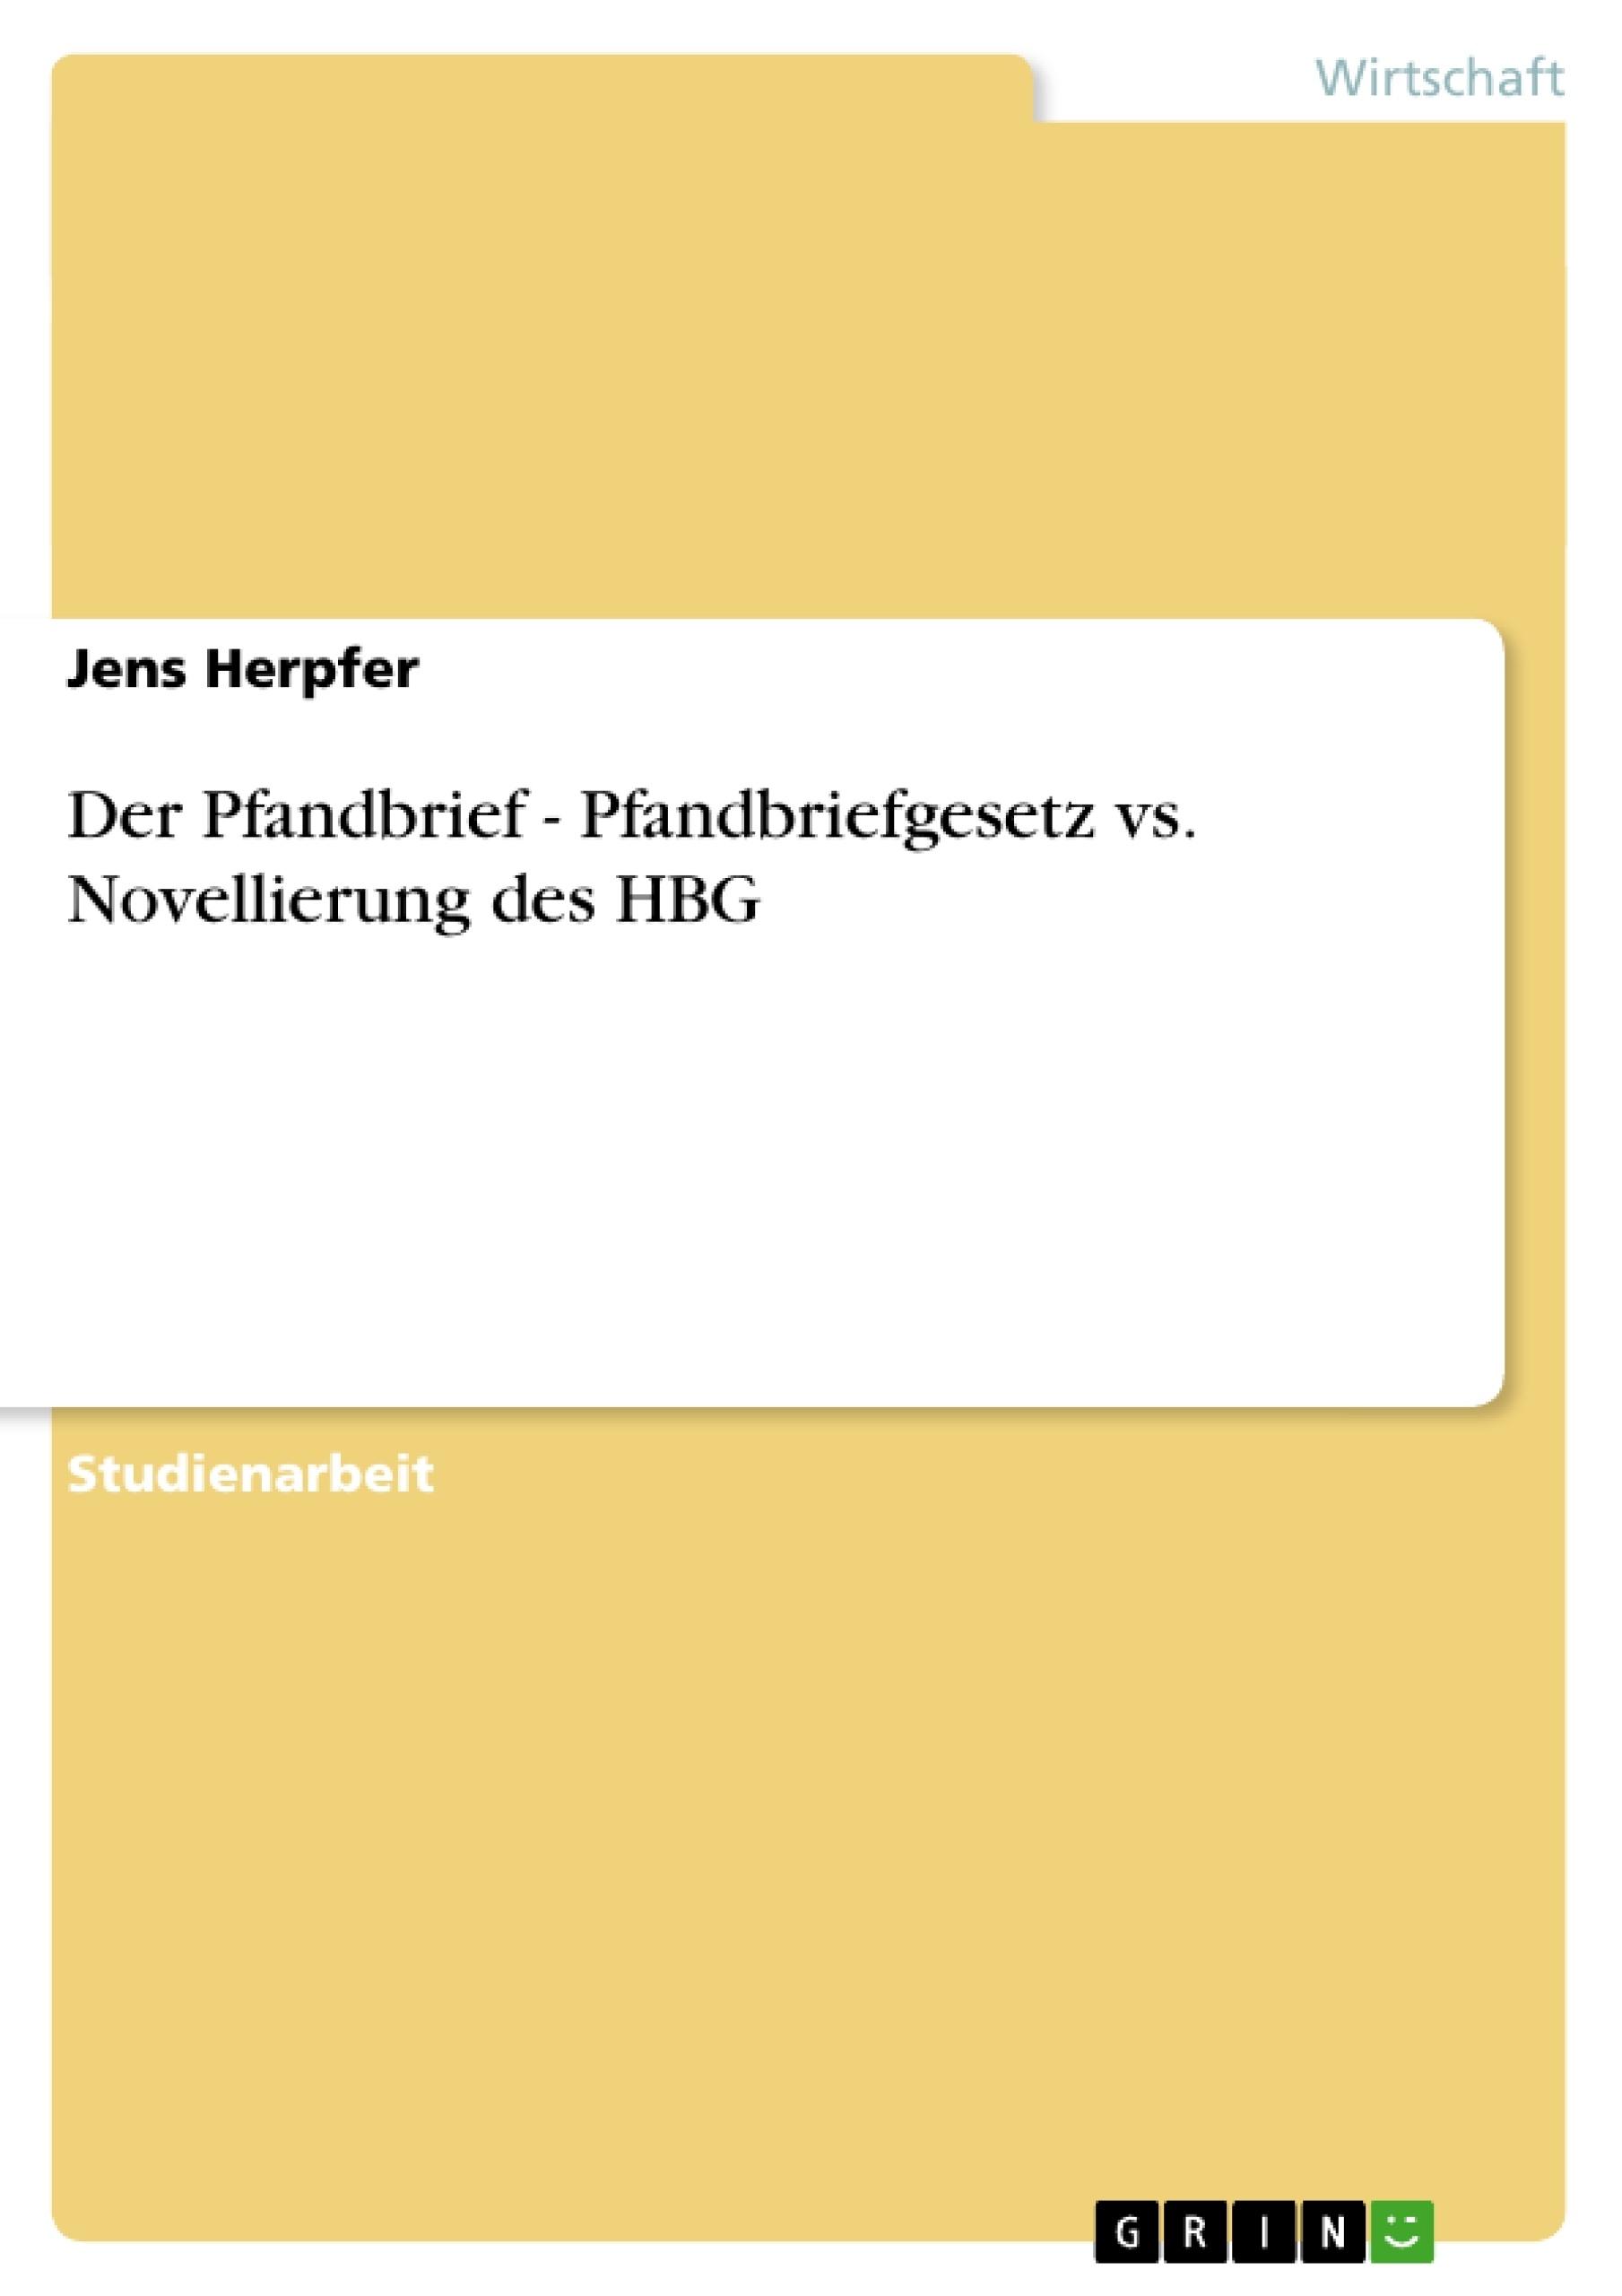 Titel: Der Pfandbrief - Pfandbriefgesetz vs. Novellierung des HBG